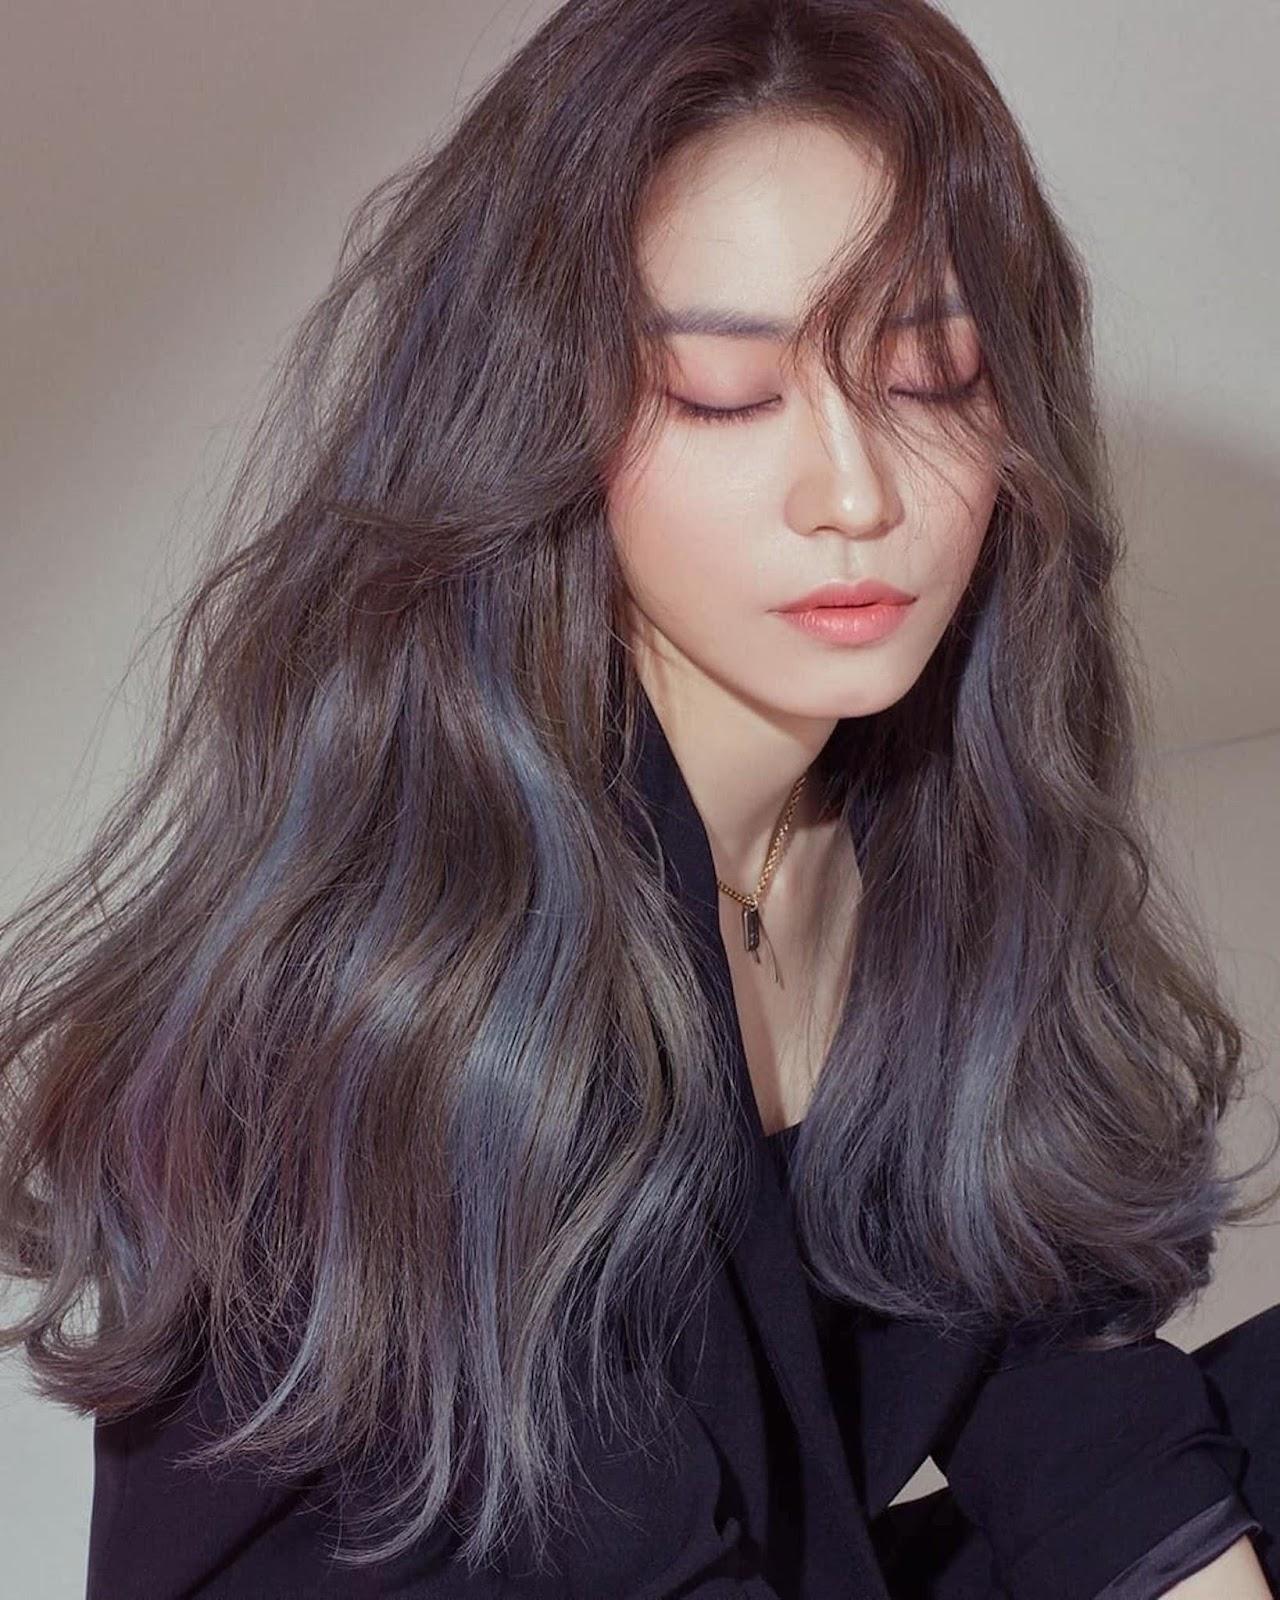 Chẳng còn lo tóc mất độ phồng, ép vào da đầu - 5 mẹo nhỏ giúp tóc không bị bết dính, suôn mềm như vừa mới gội - Ảnh 1